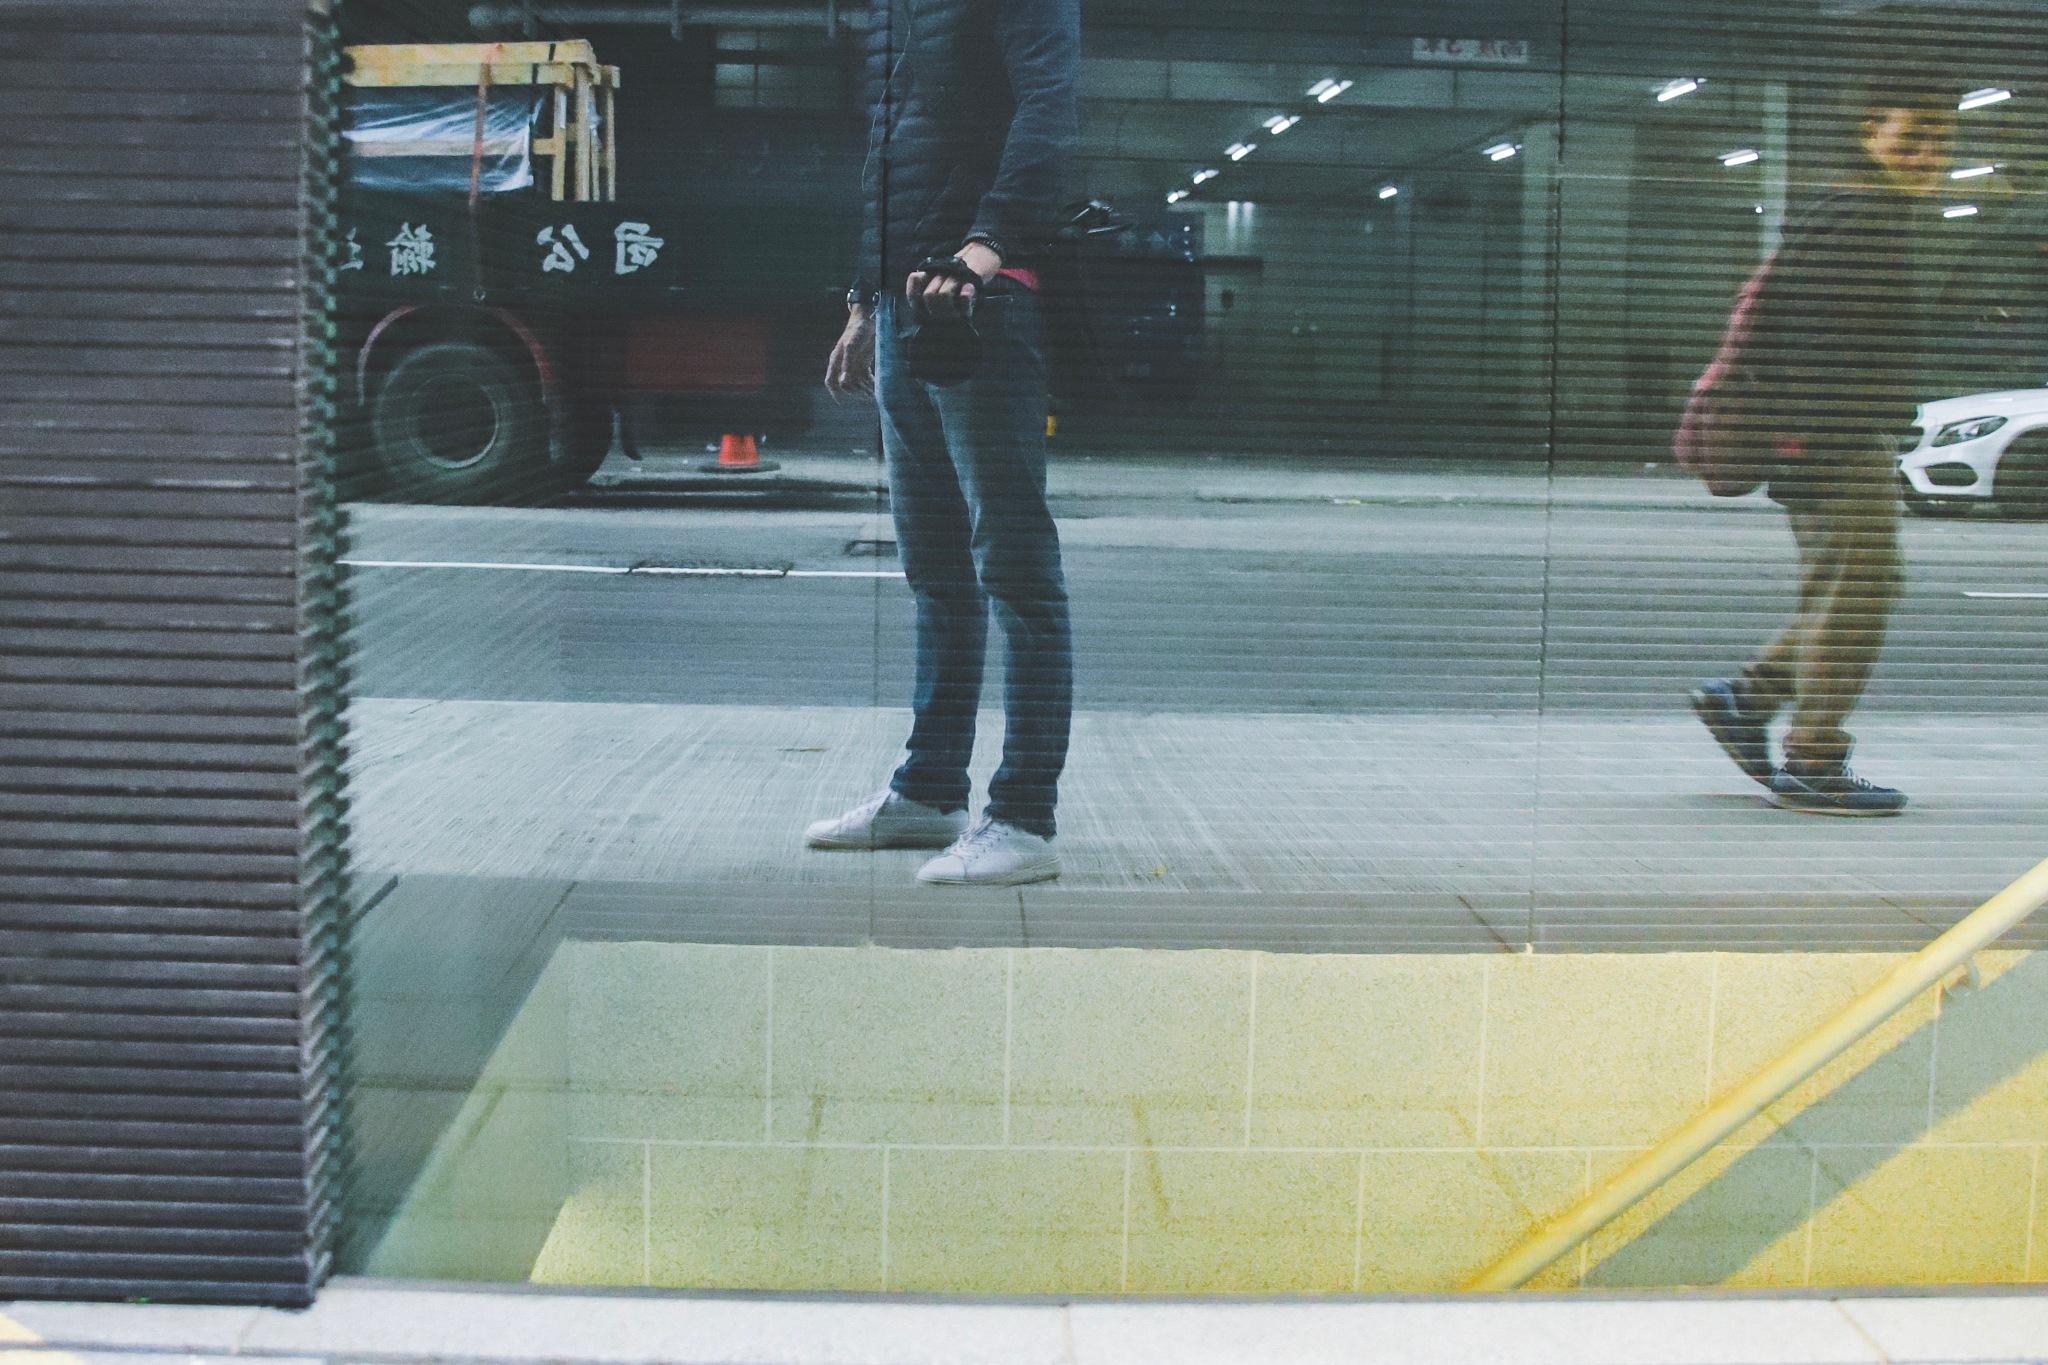   selfie   by Carlo Raineri